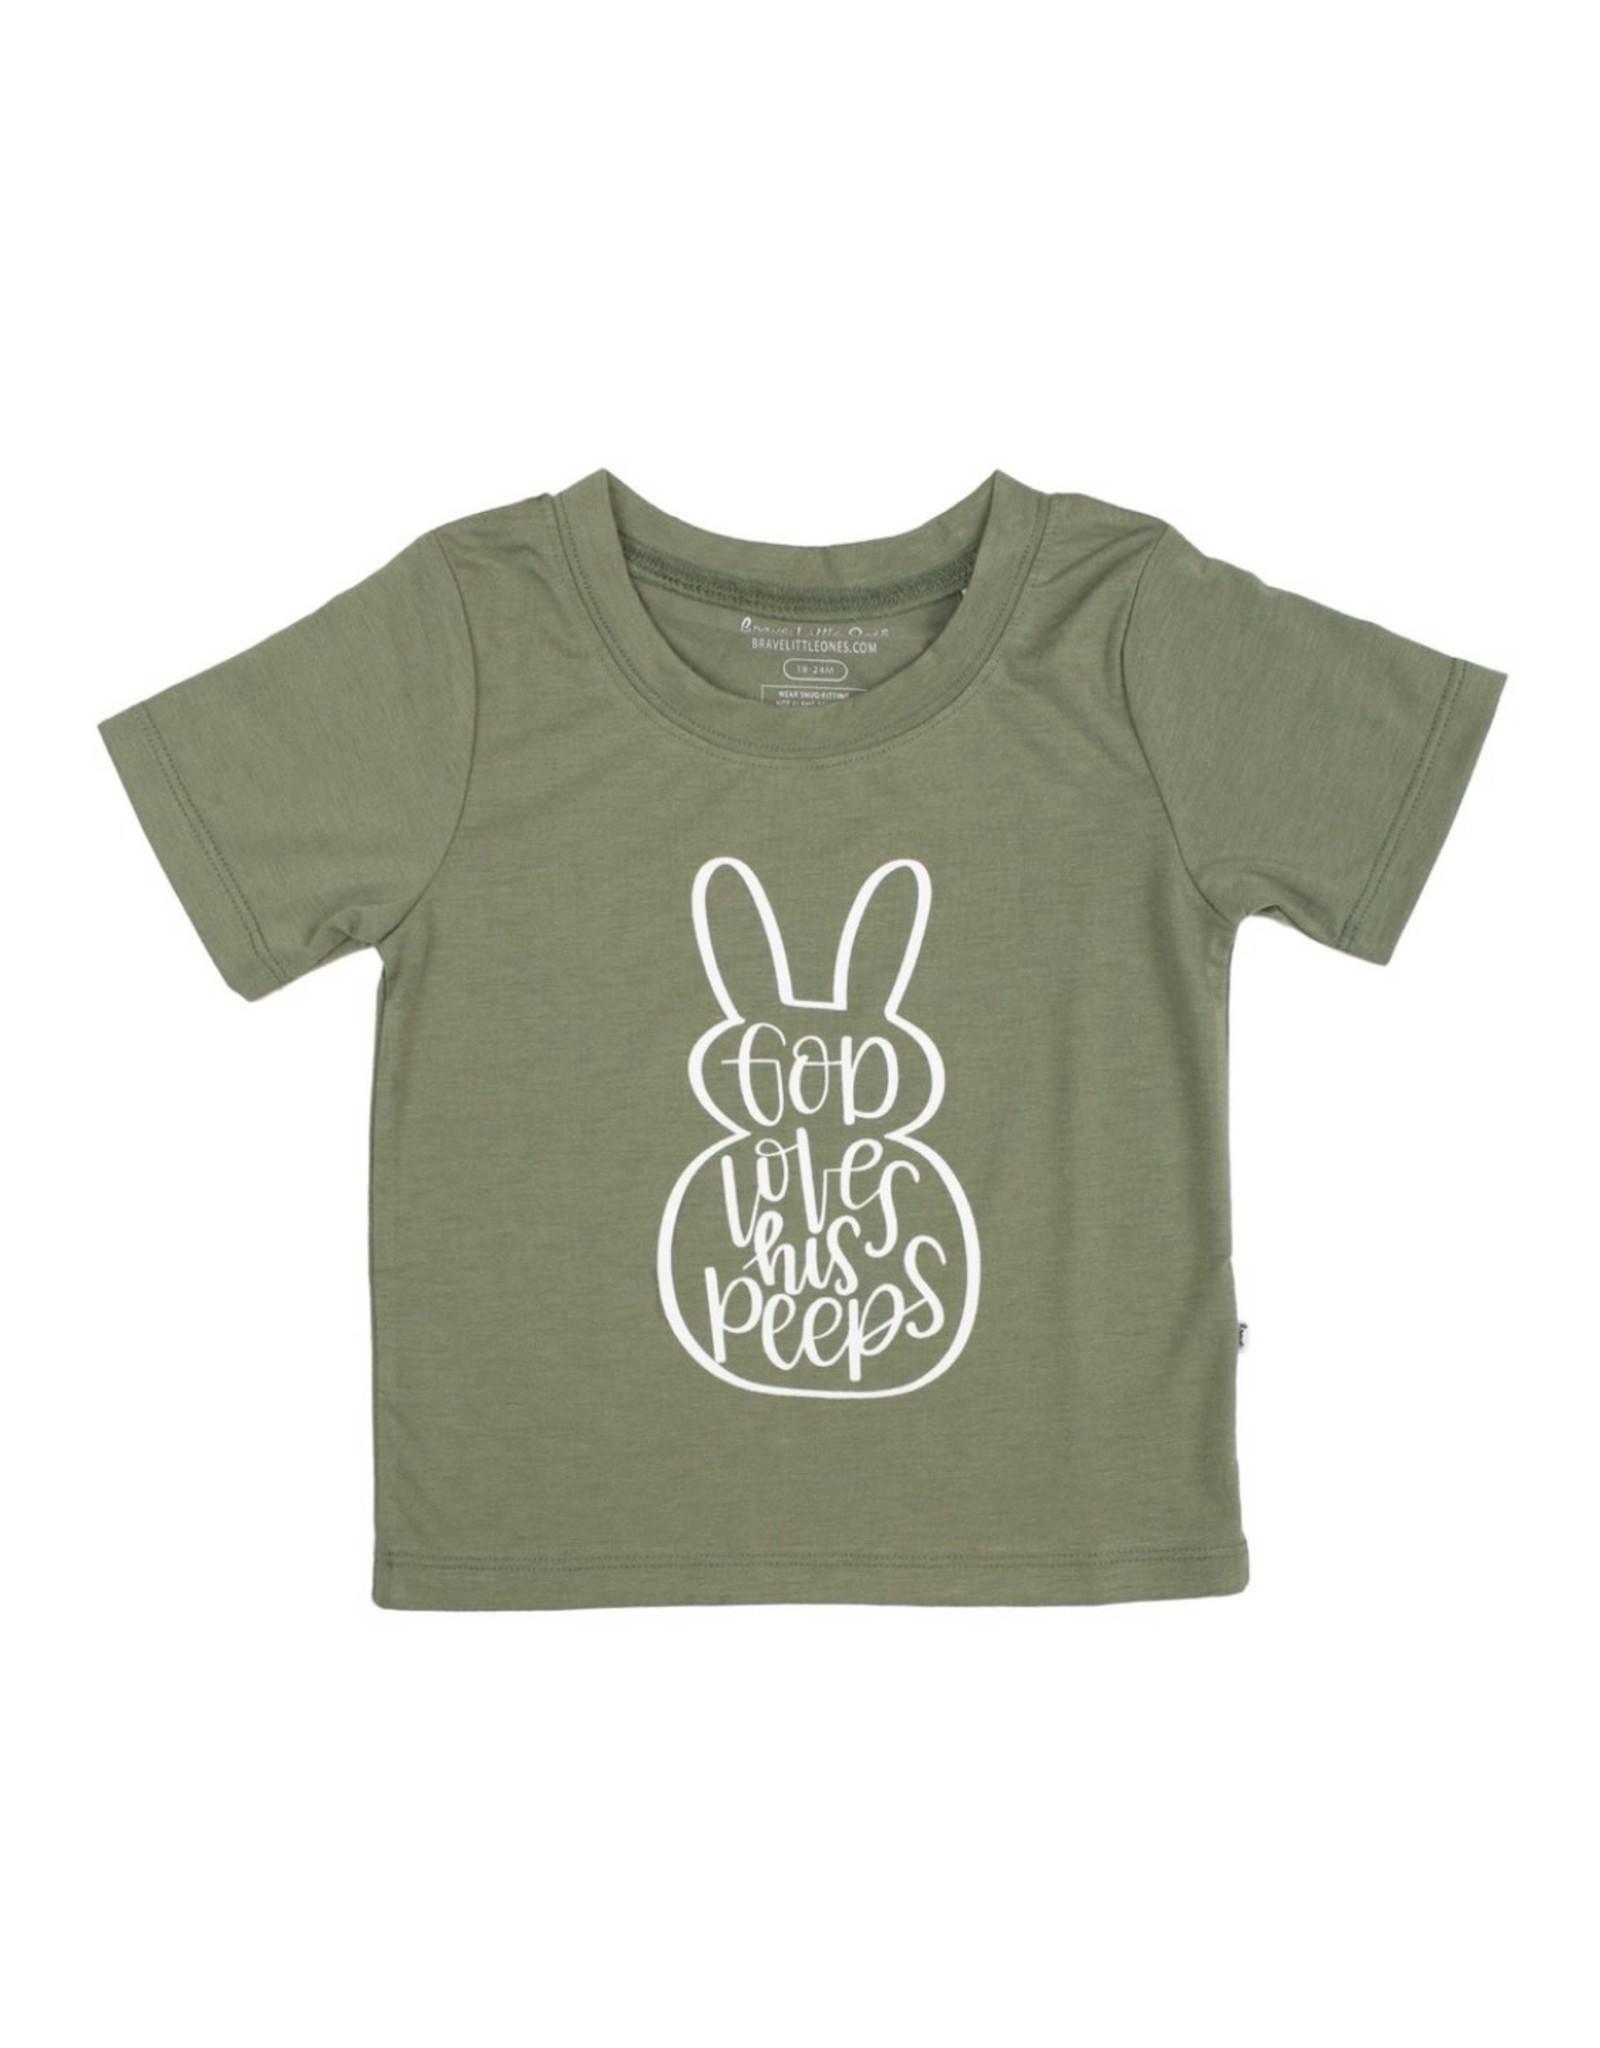 Brave Little Ones Brave Little Ones- God Loves His Peeps Shirt: Sage